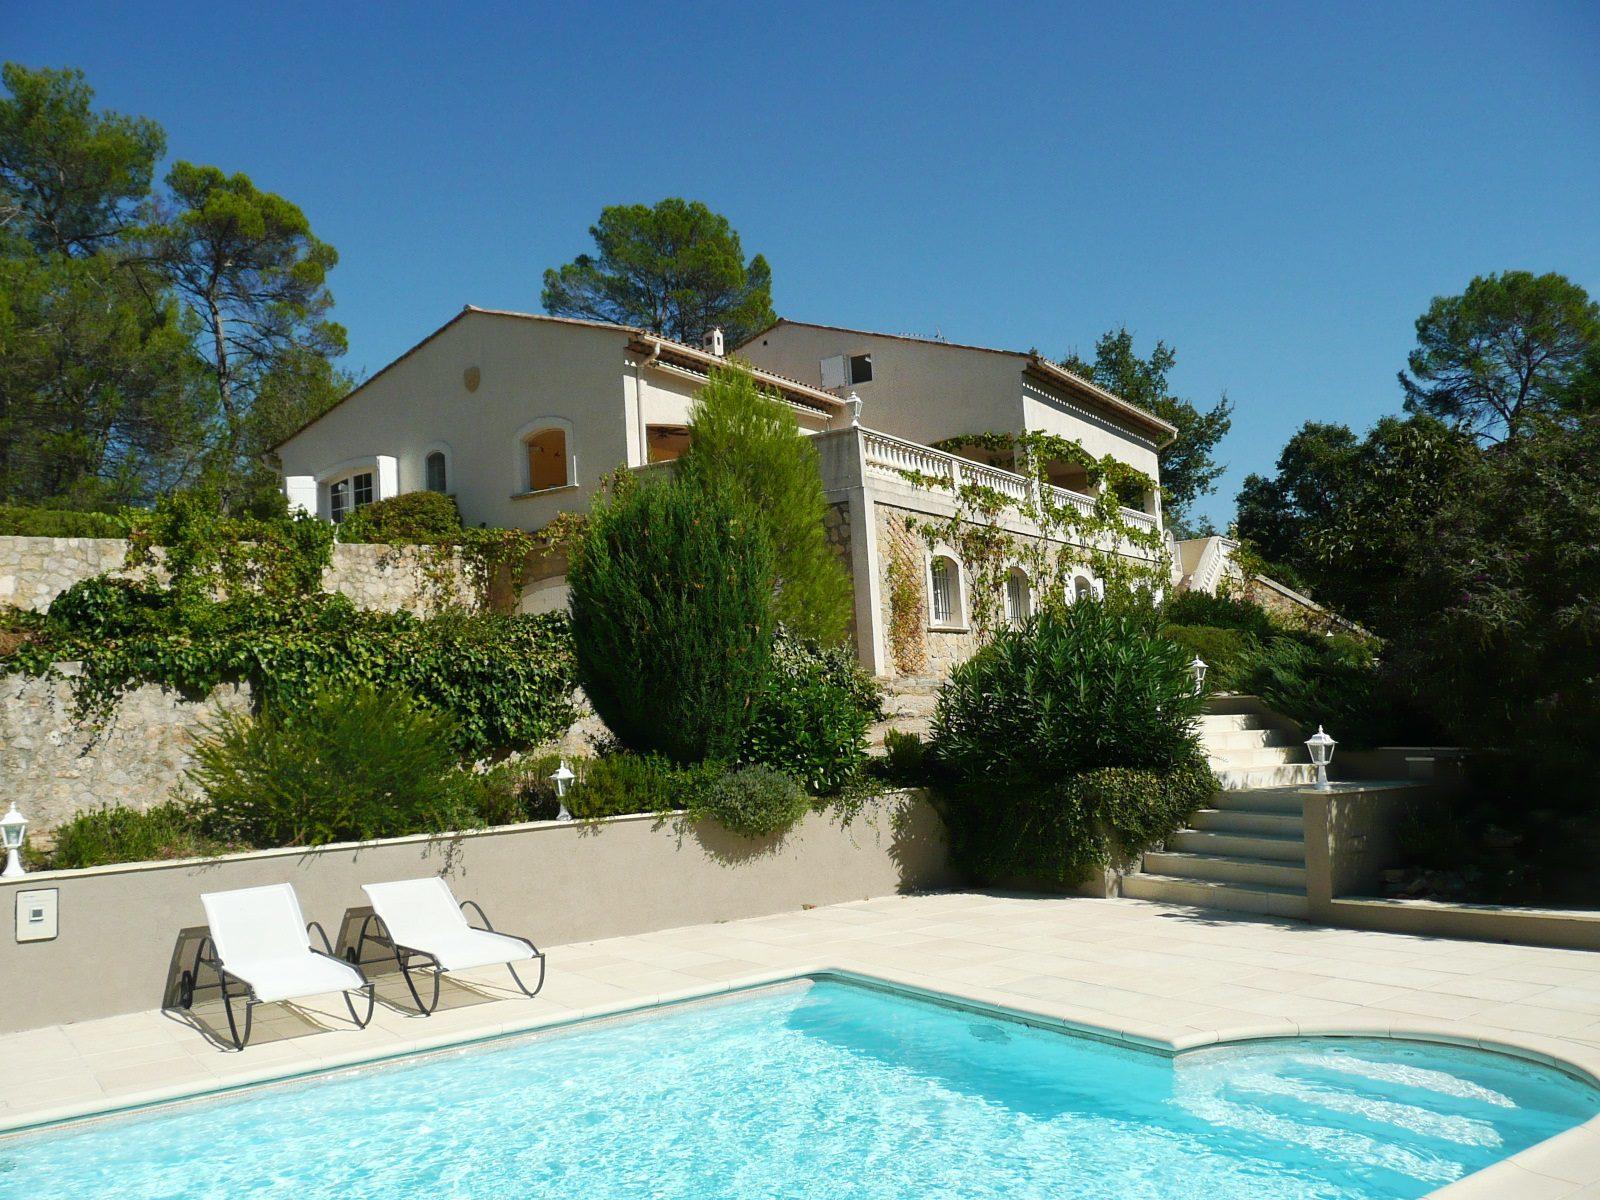 Frankrijk, grote vakantiehuizen, luxe, vakantievilla's, groepen, 12-16 personen